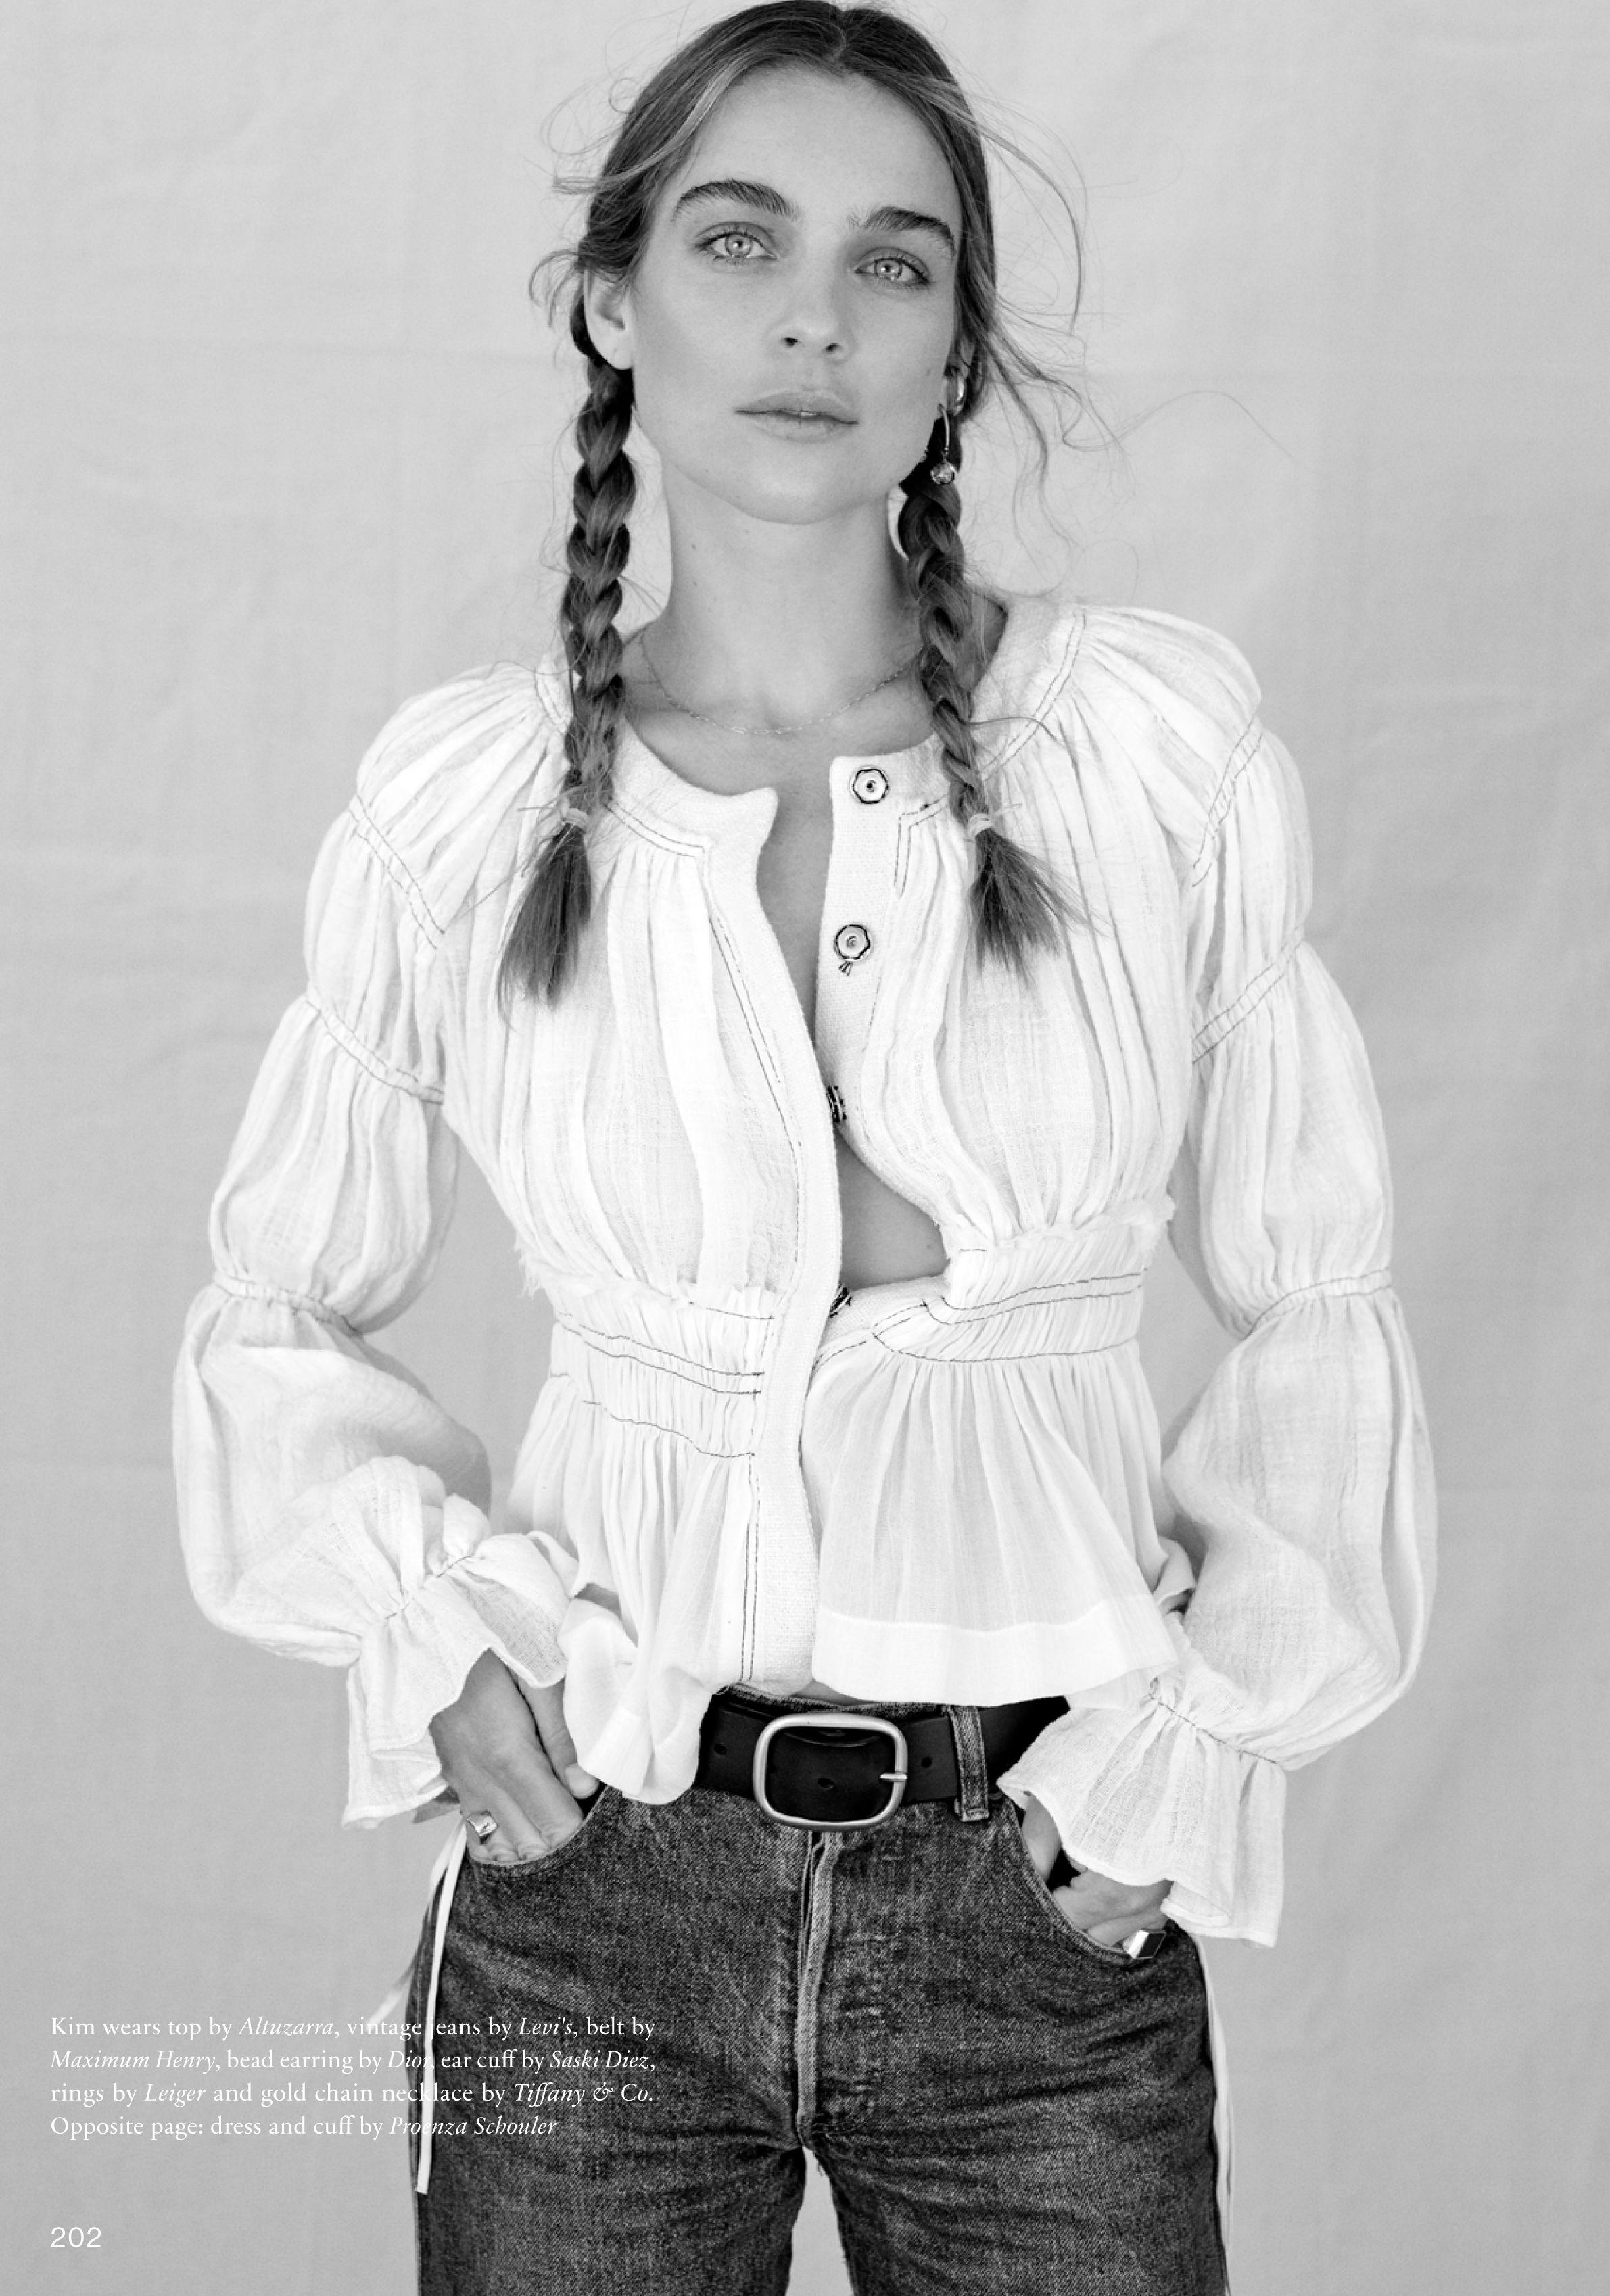 Superbe | Model: KIM NOORDA